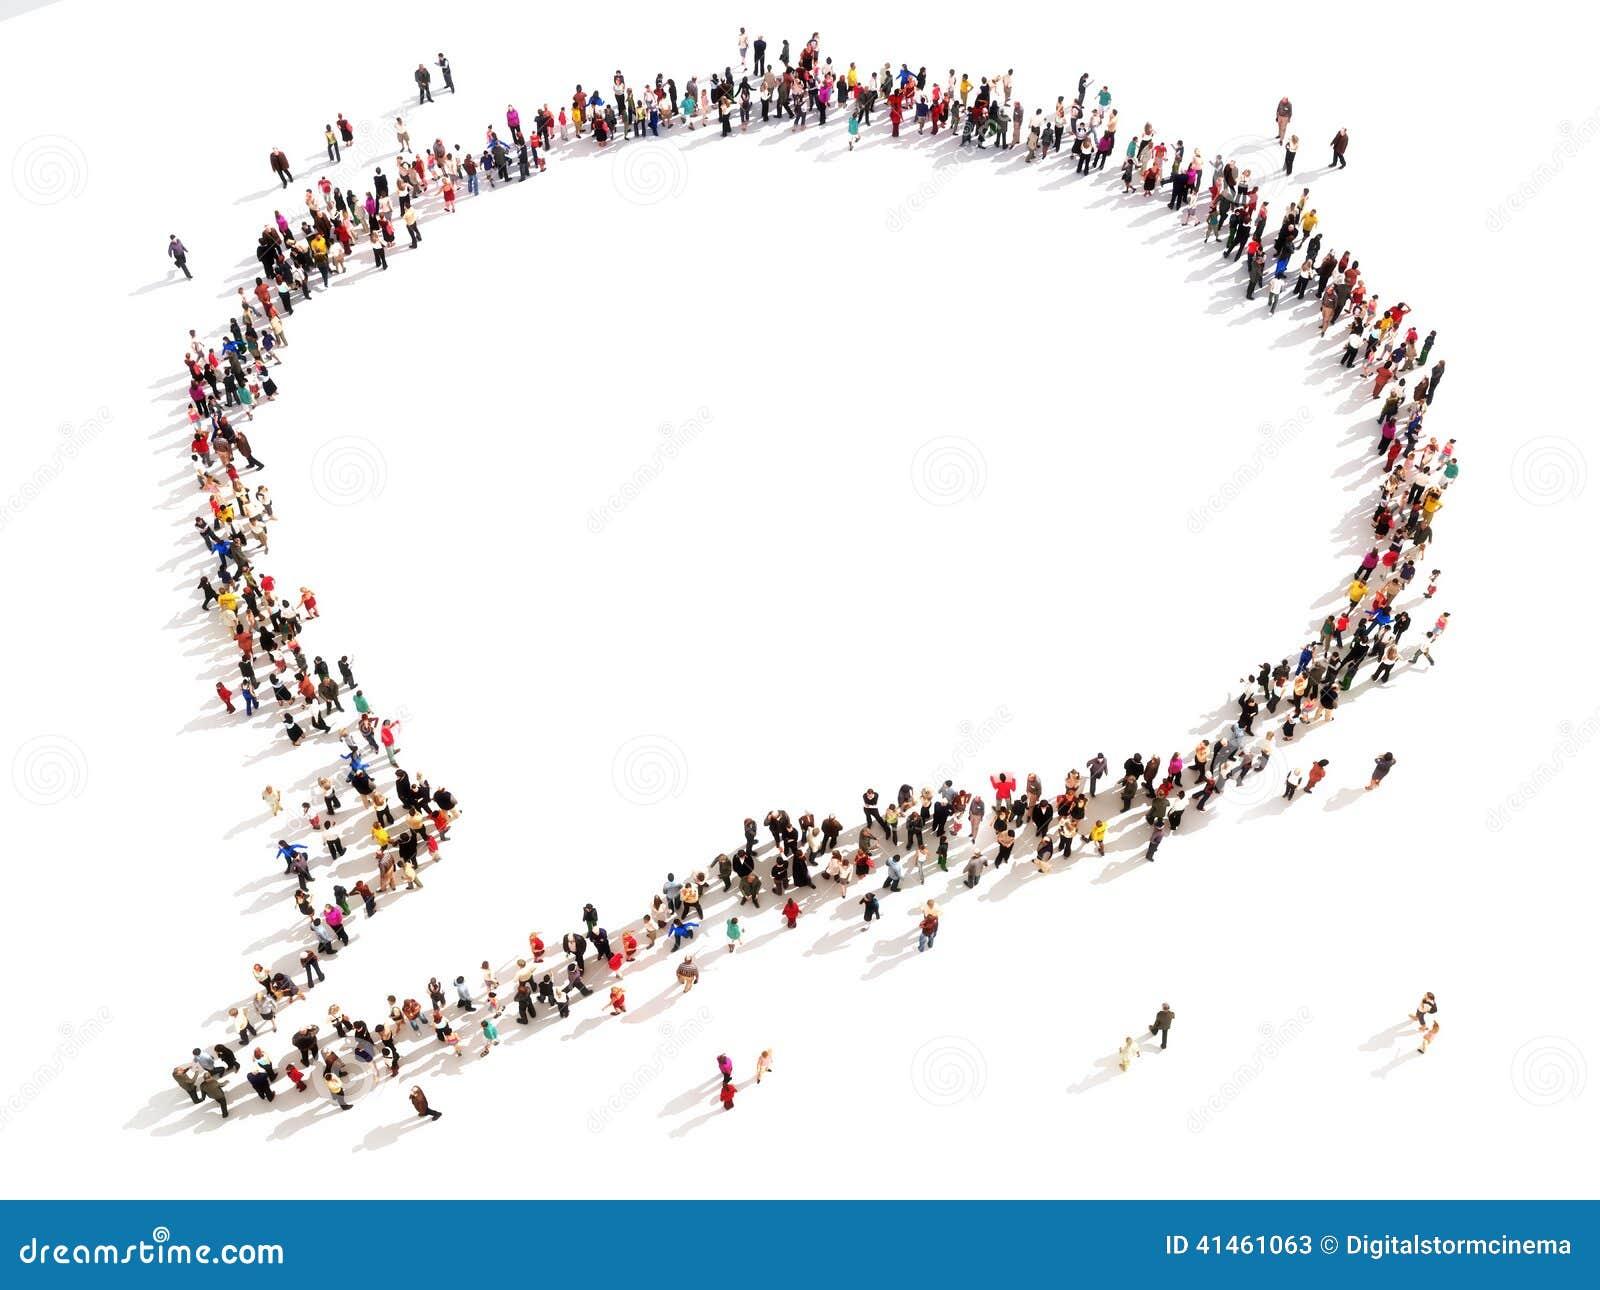 Stor grupp människor i formen av en pratstundbubbla